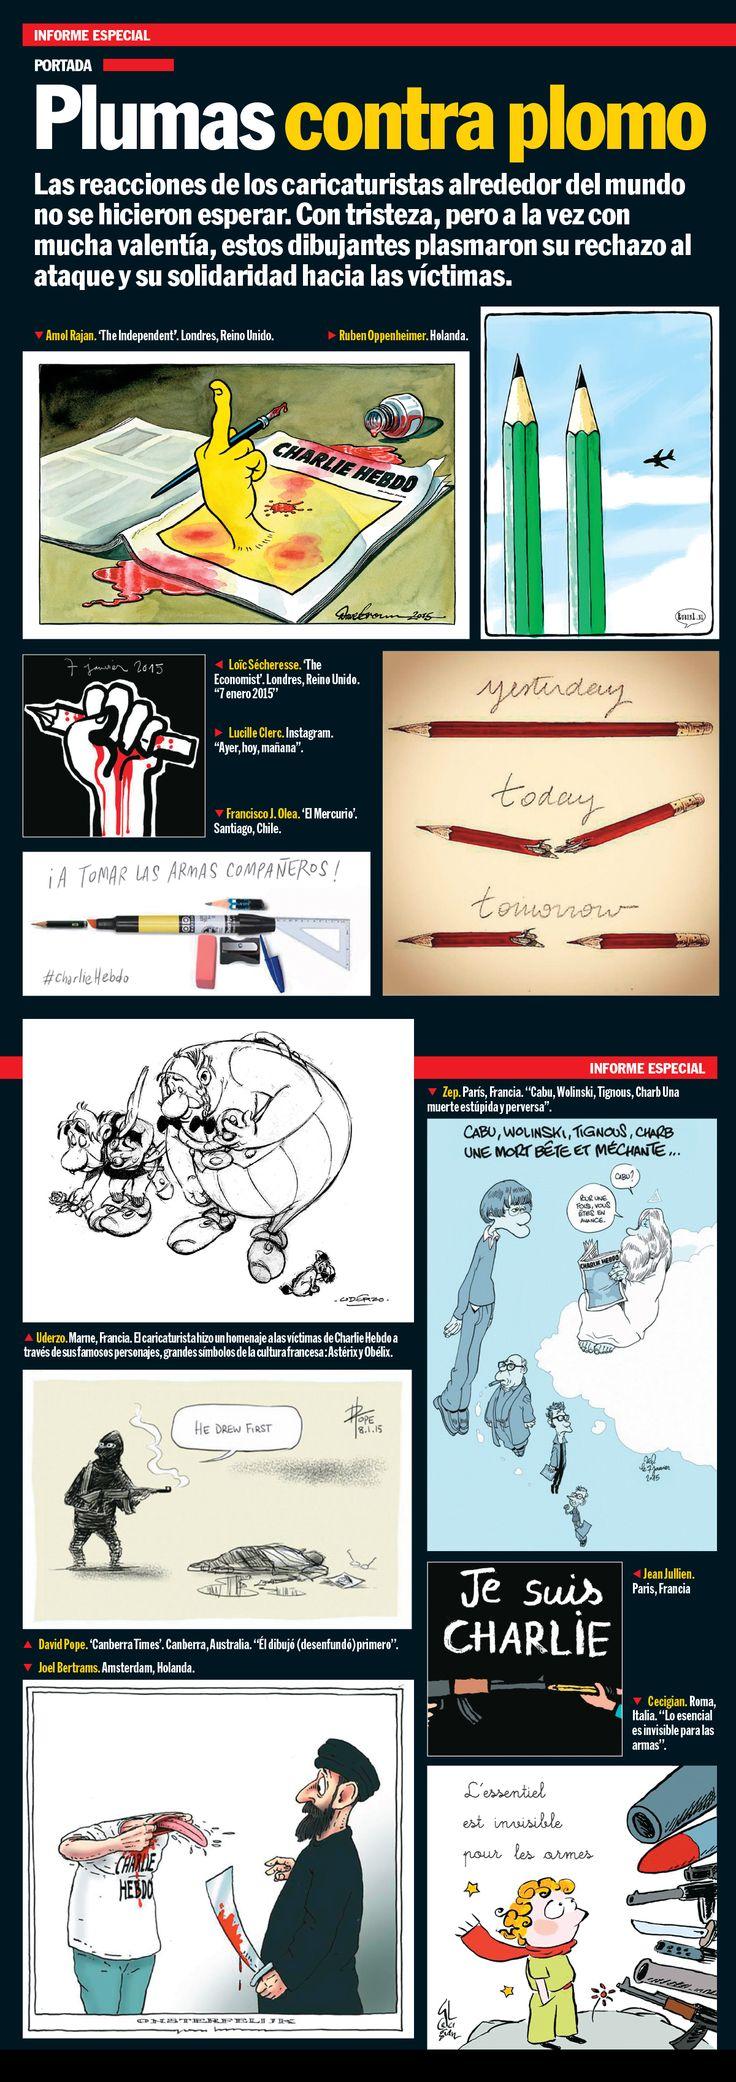 Las reacciones de los caricaturistas alrededor del mundo no se hicieron esperar. Con tristeza, pero a la vez con mucha valentía, estos dibujantes plasmaron su rechazo al ataque y su solidaridad hacia las víctimas.